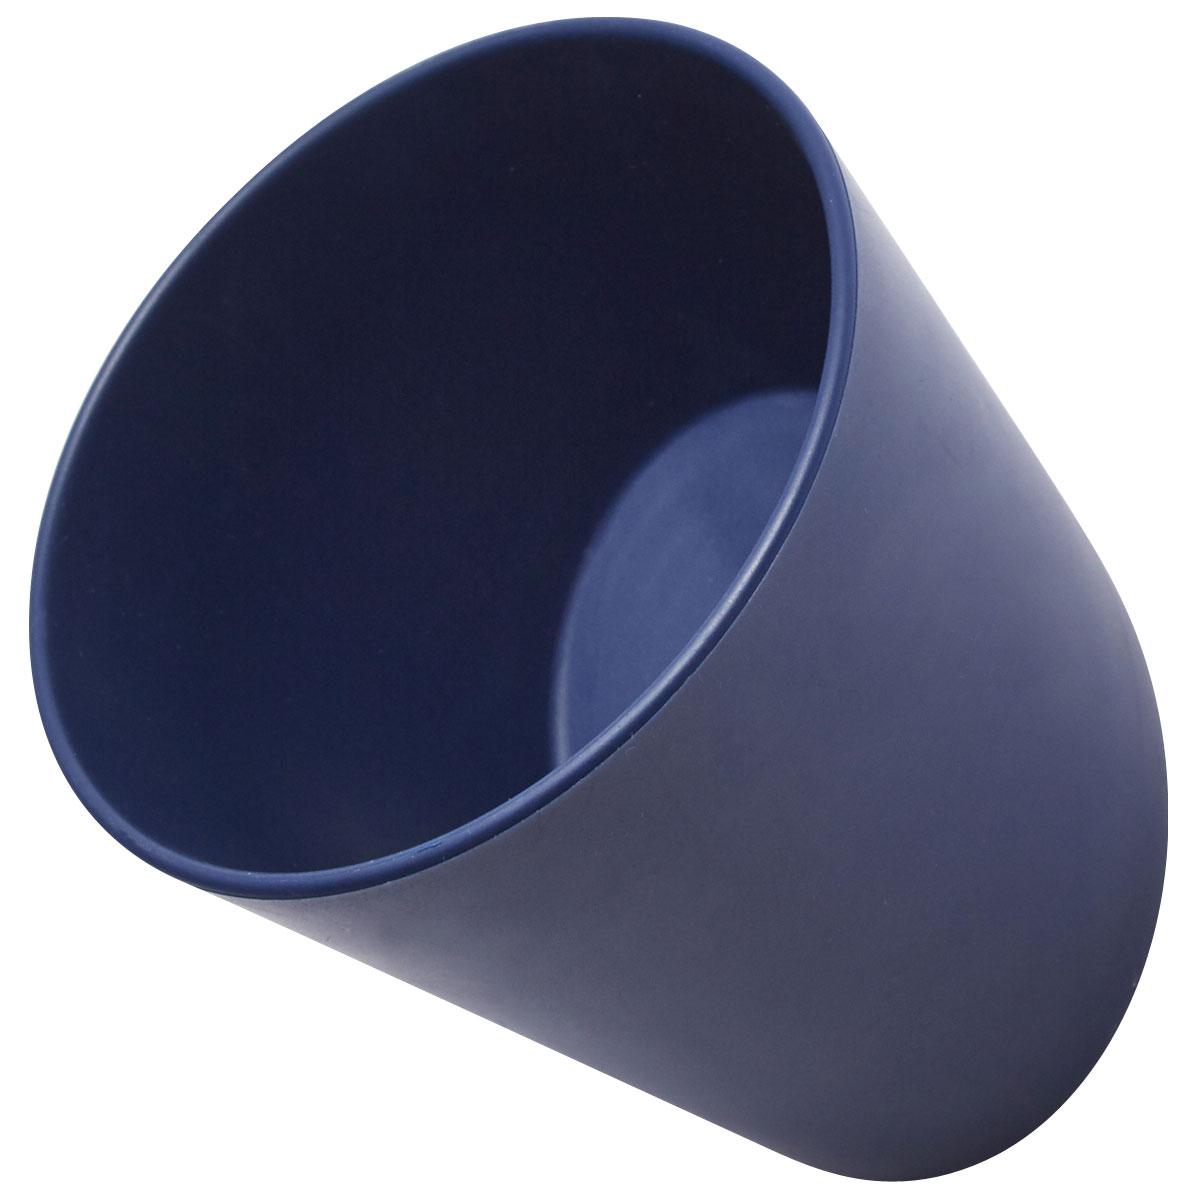 ideacoの壁面収納 デカッポ フック カップ ネイビー 壁面収納 ideaco 新発売 送料無料 保証 イデアコ decuppo